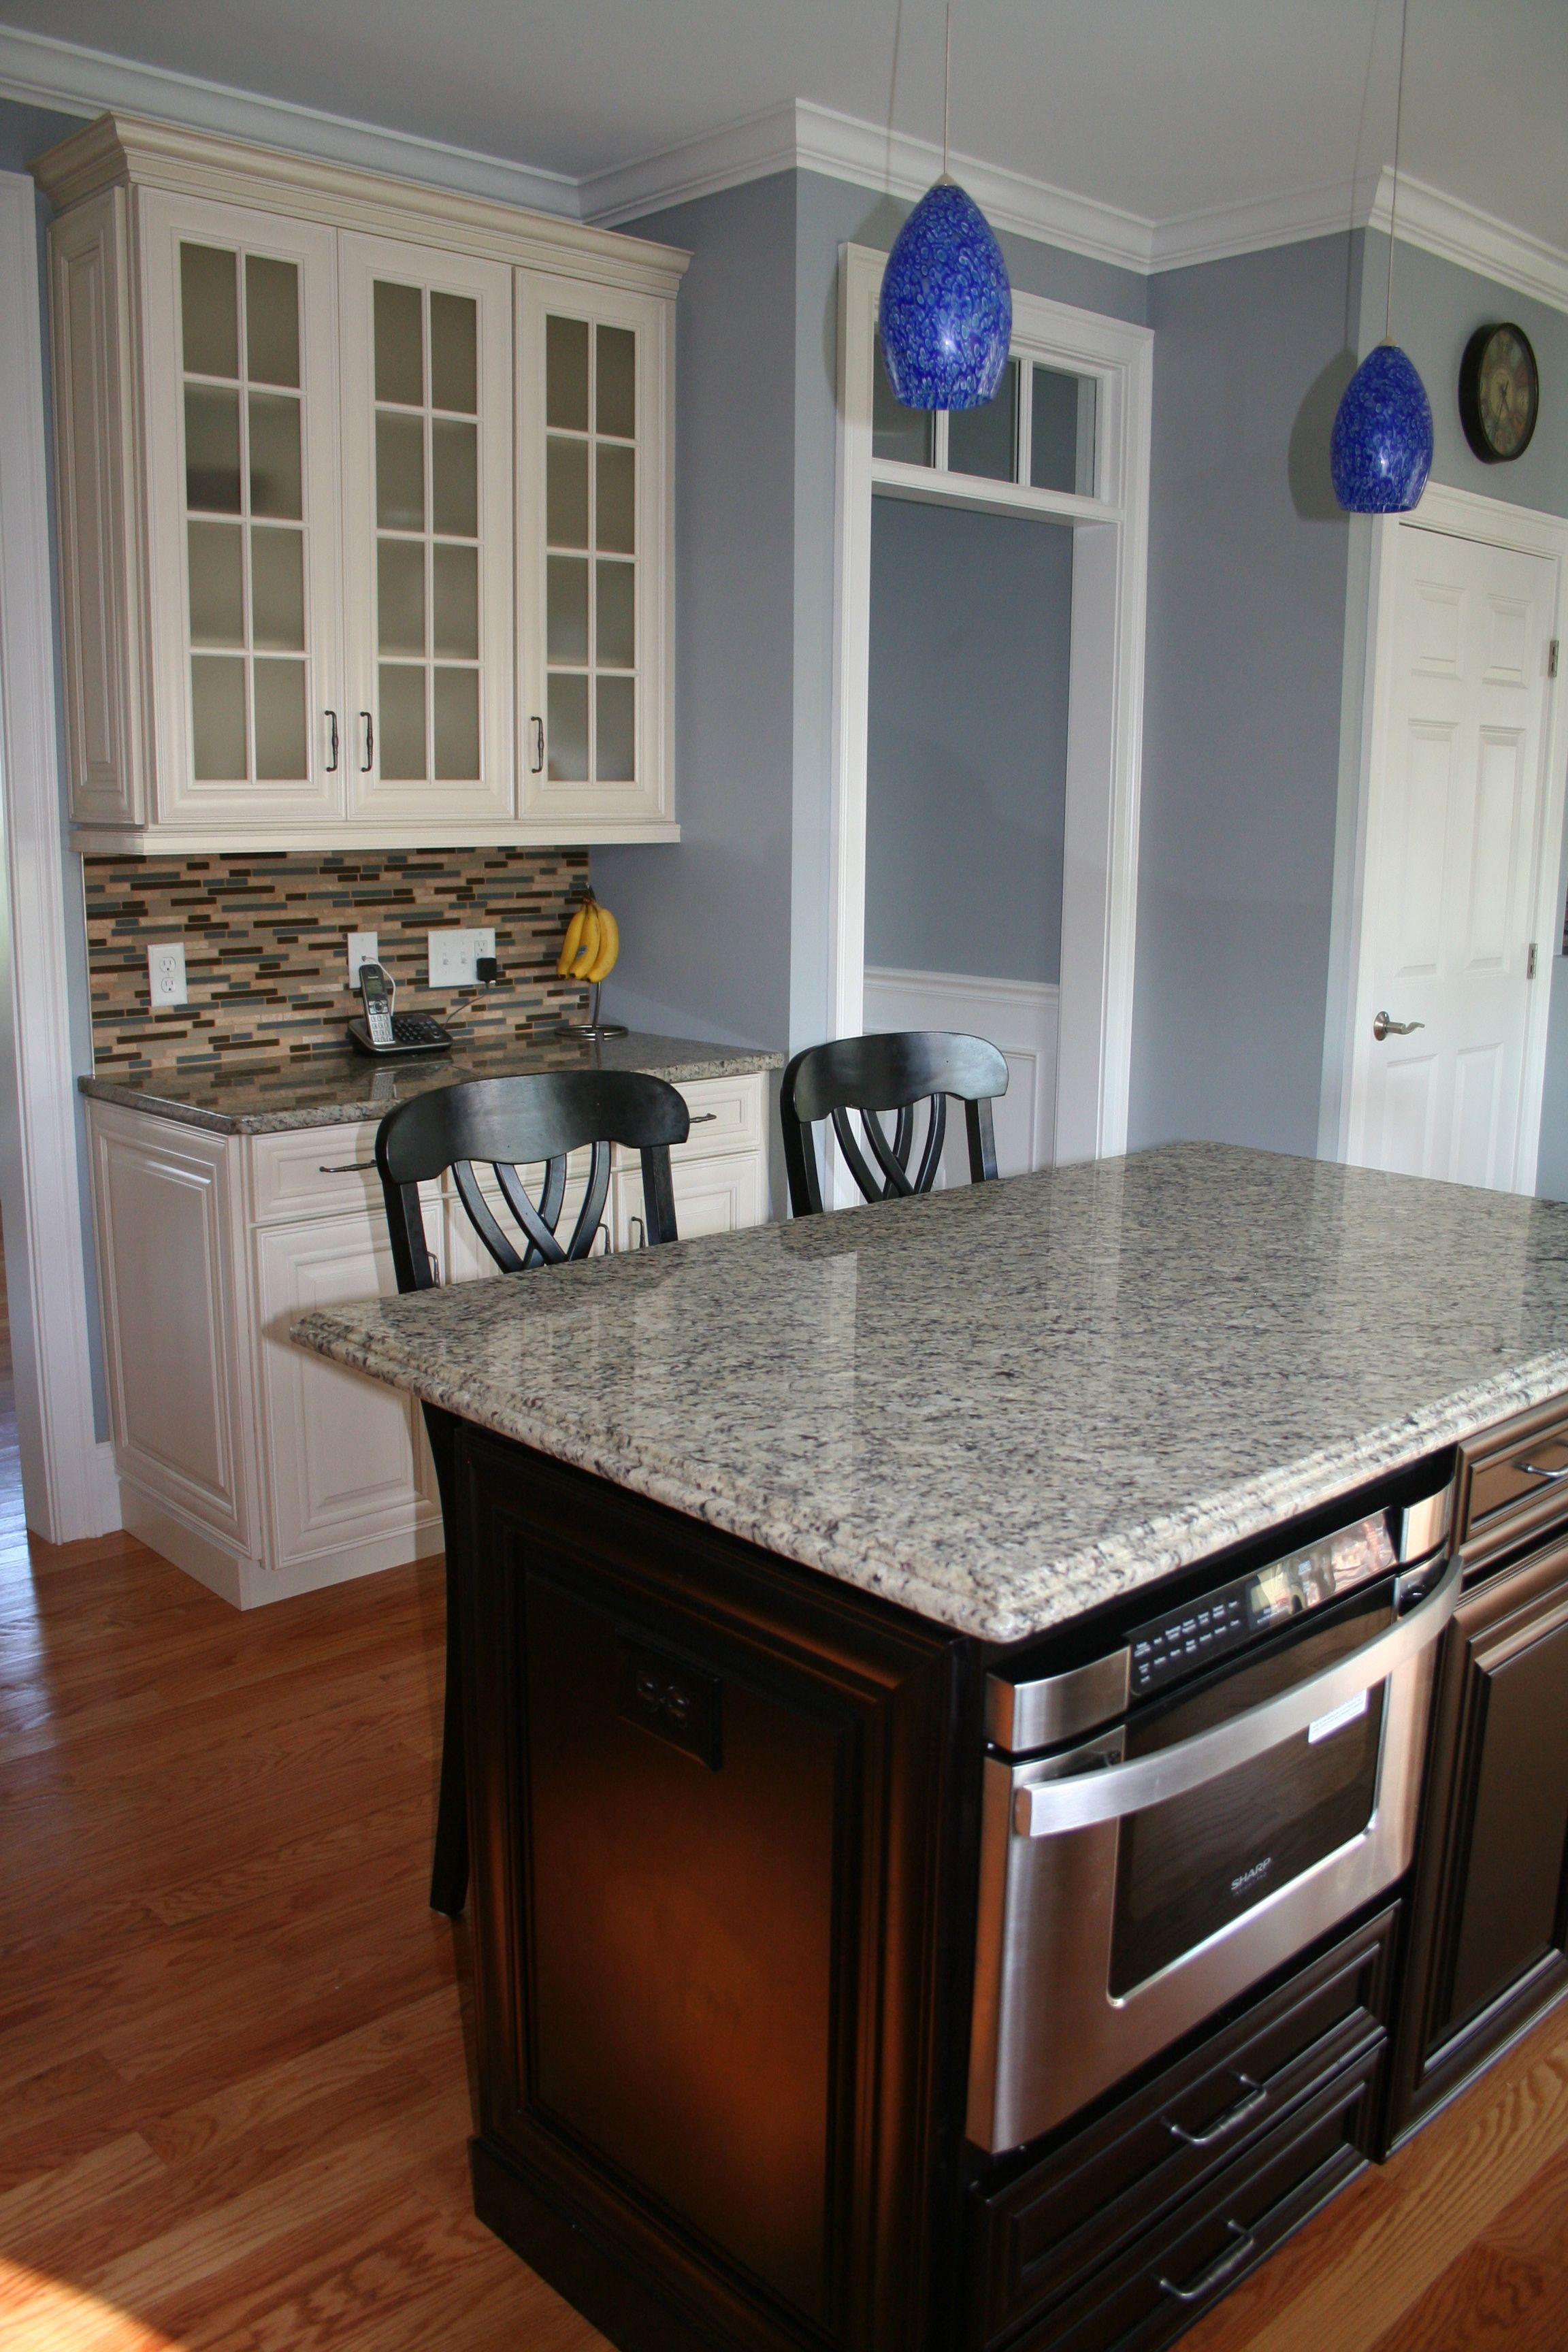 Kitchen Island Featuring Waypoint Cabinetry In Maple Espresso Rhodeislandkitchen Kitchen Projects Kitchen Cabinetry